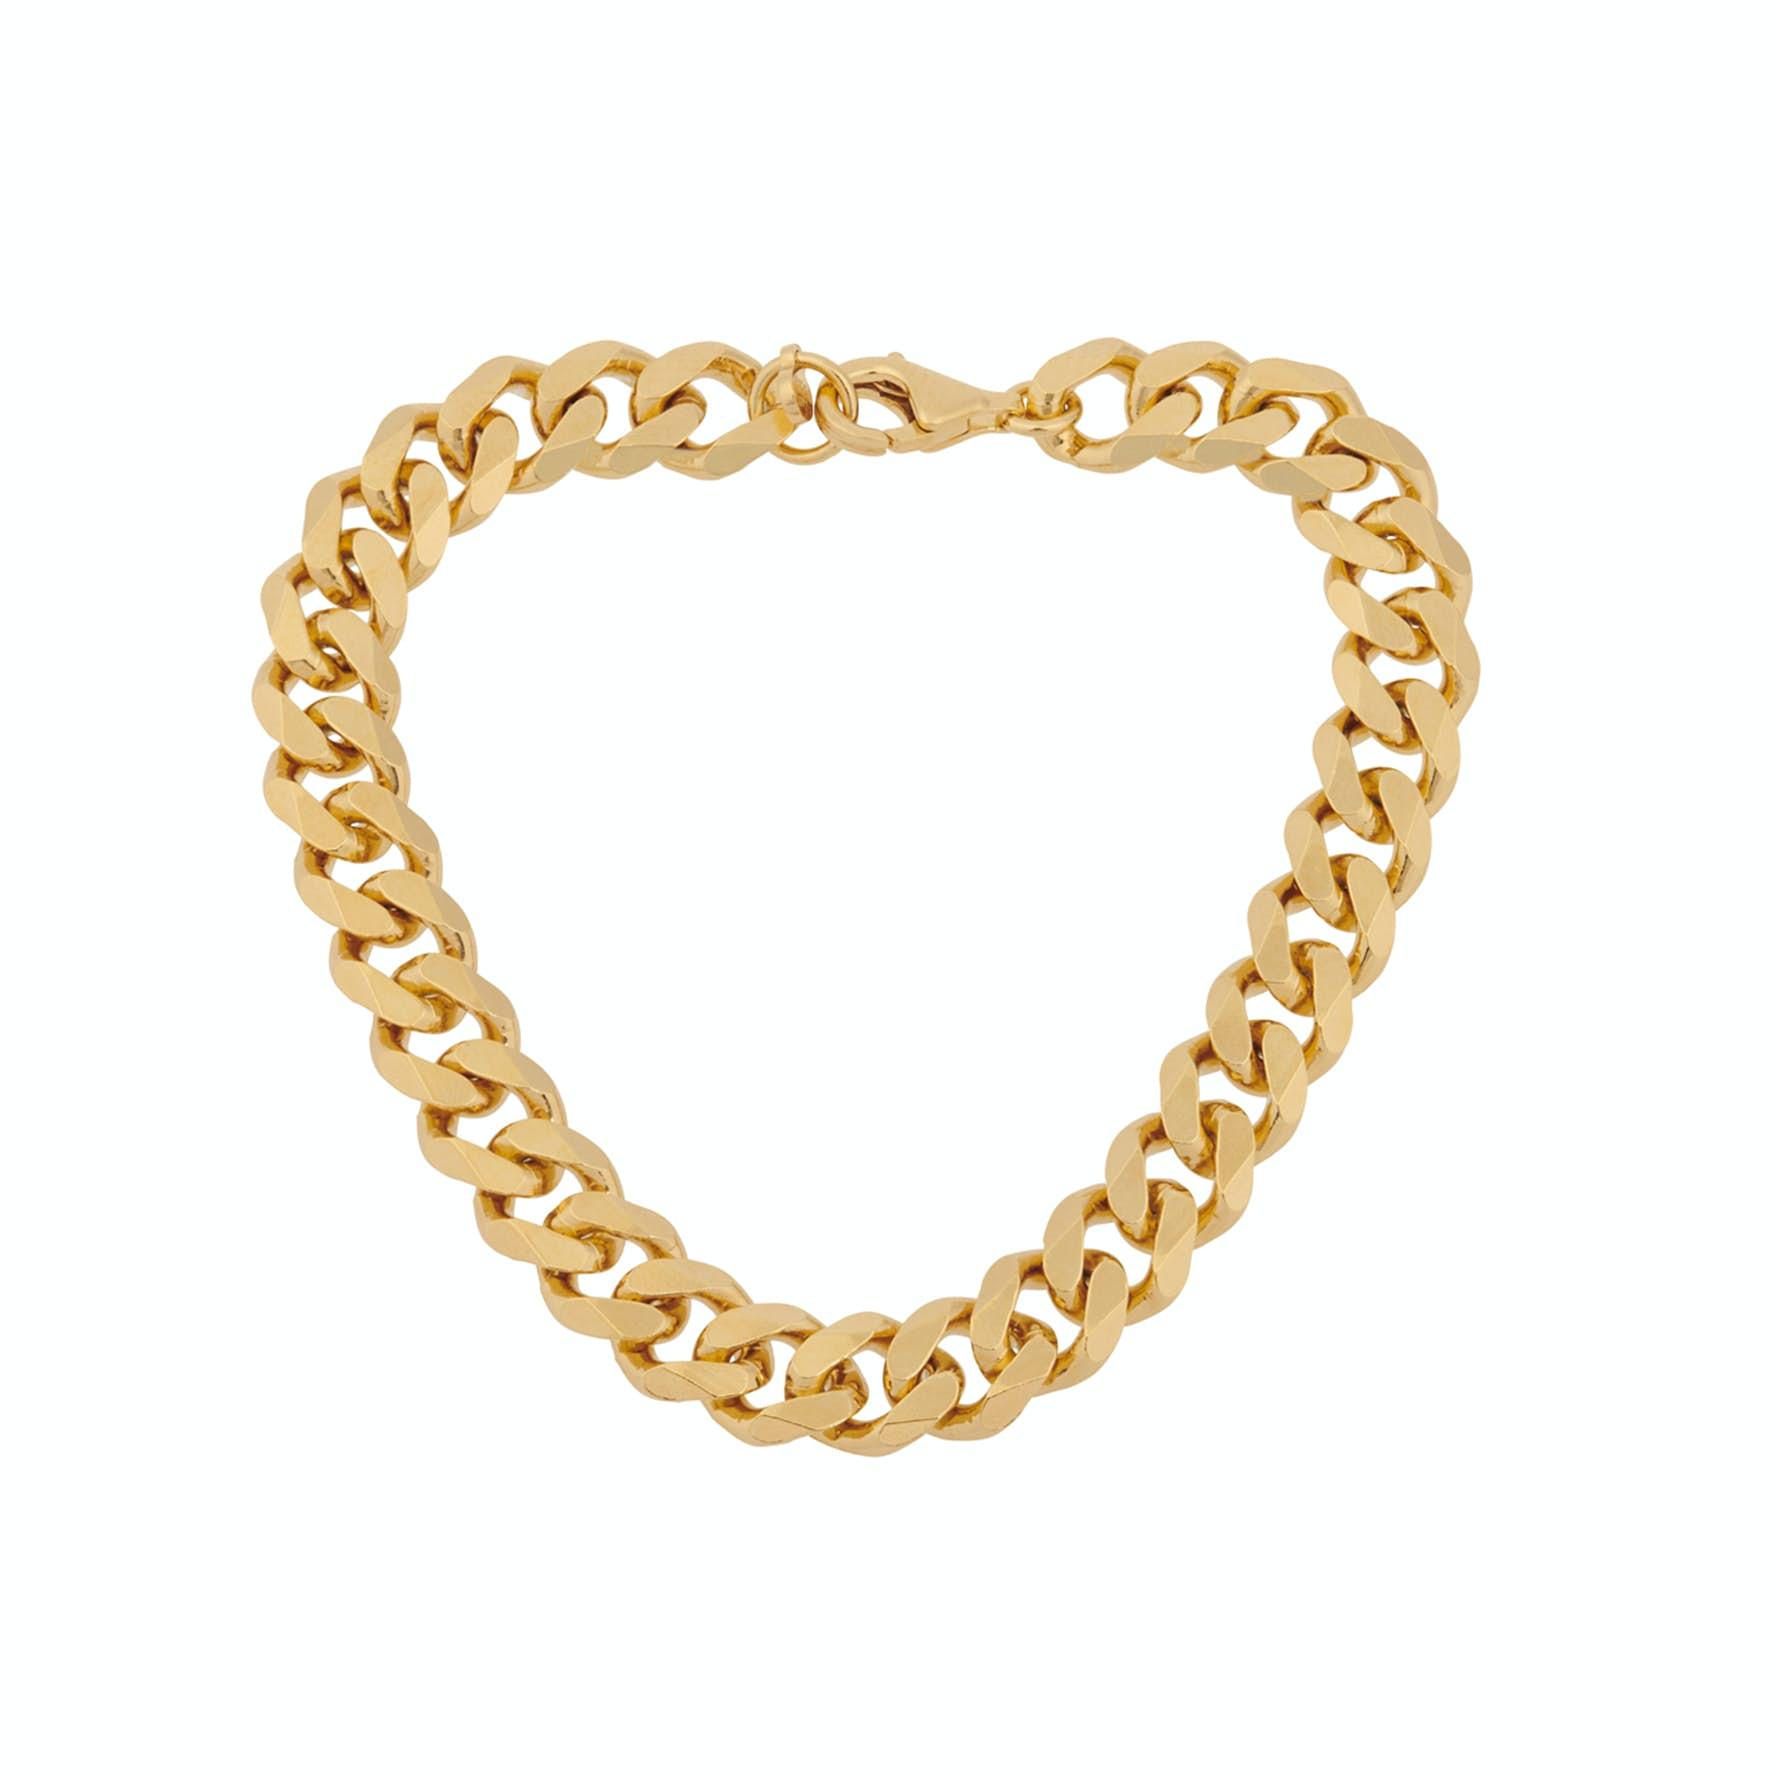 Rock Bracelet von Pernille Corydon in Vergoldet-Silber Sterling 925